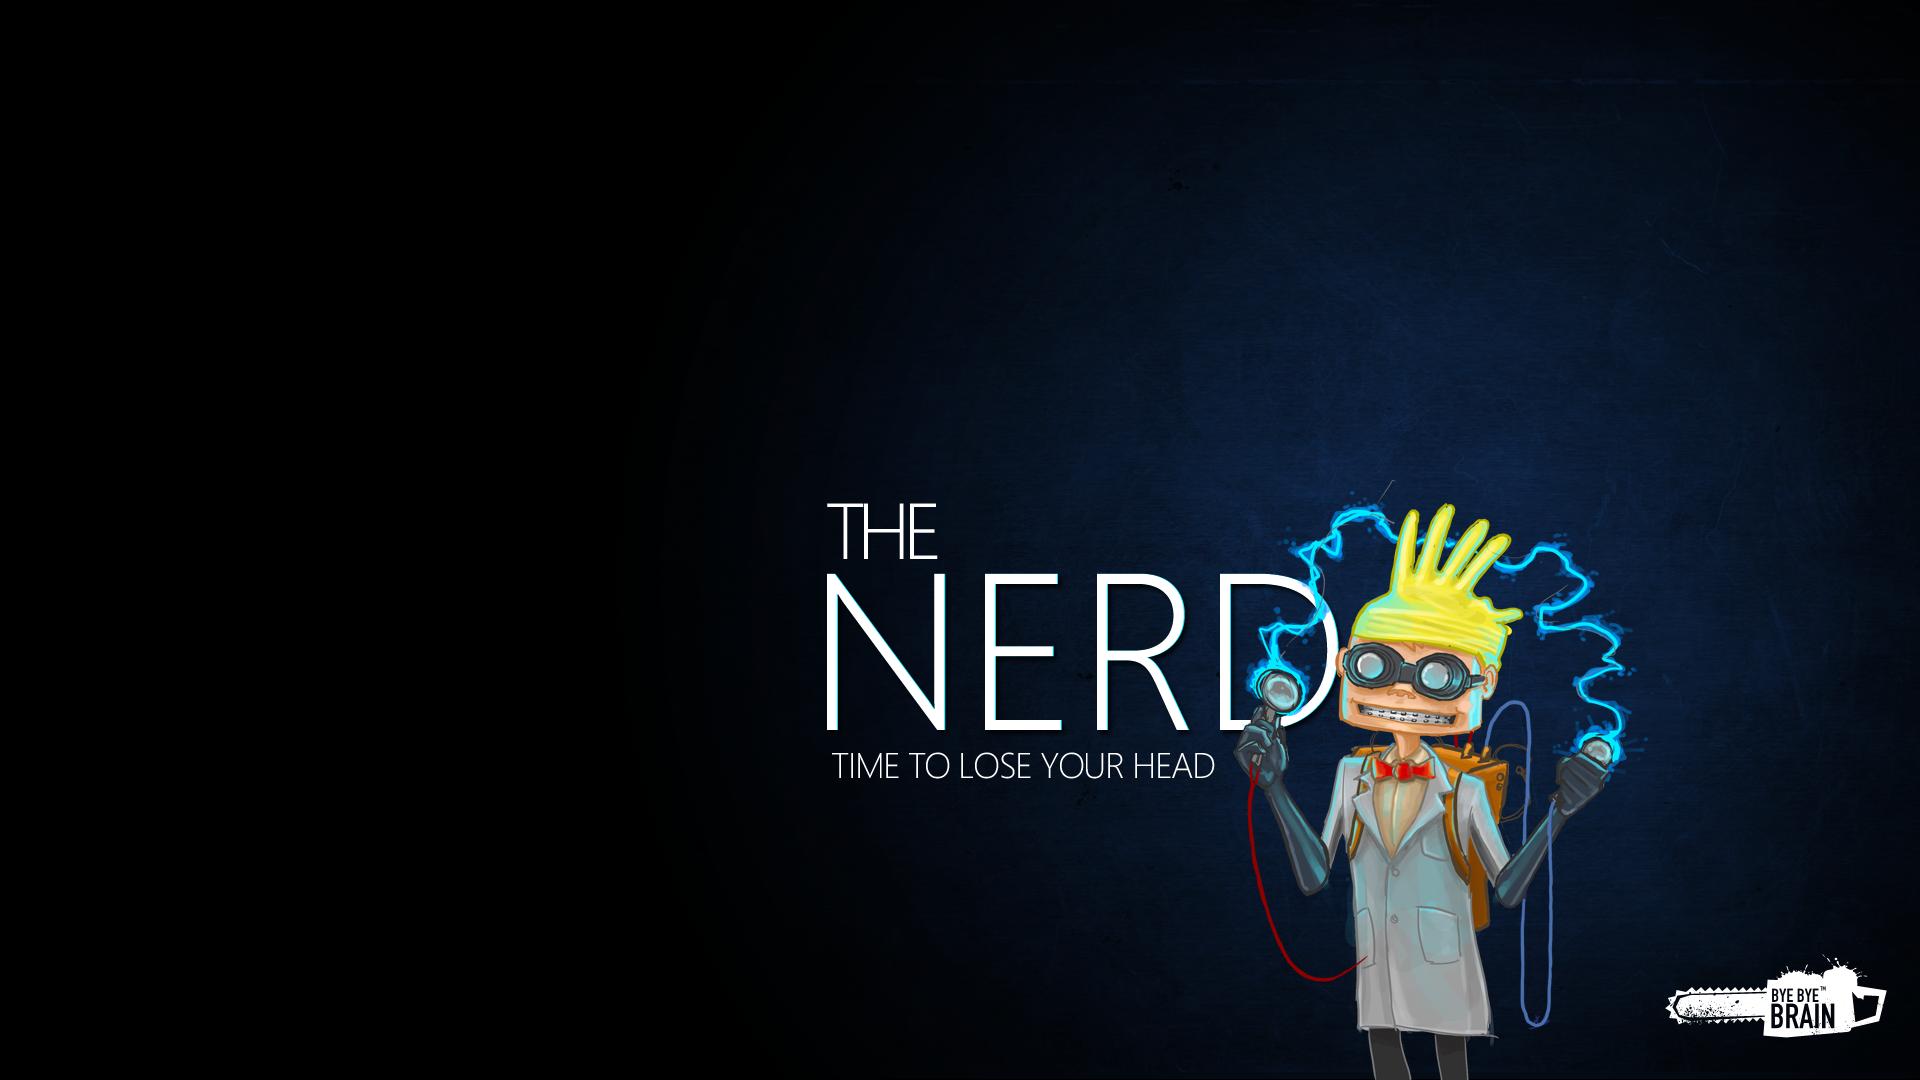 Fonds d'écran Nerd : tous les wallpapers Nerd HTML code